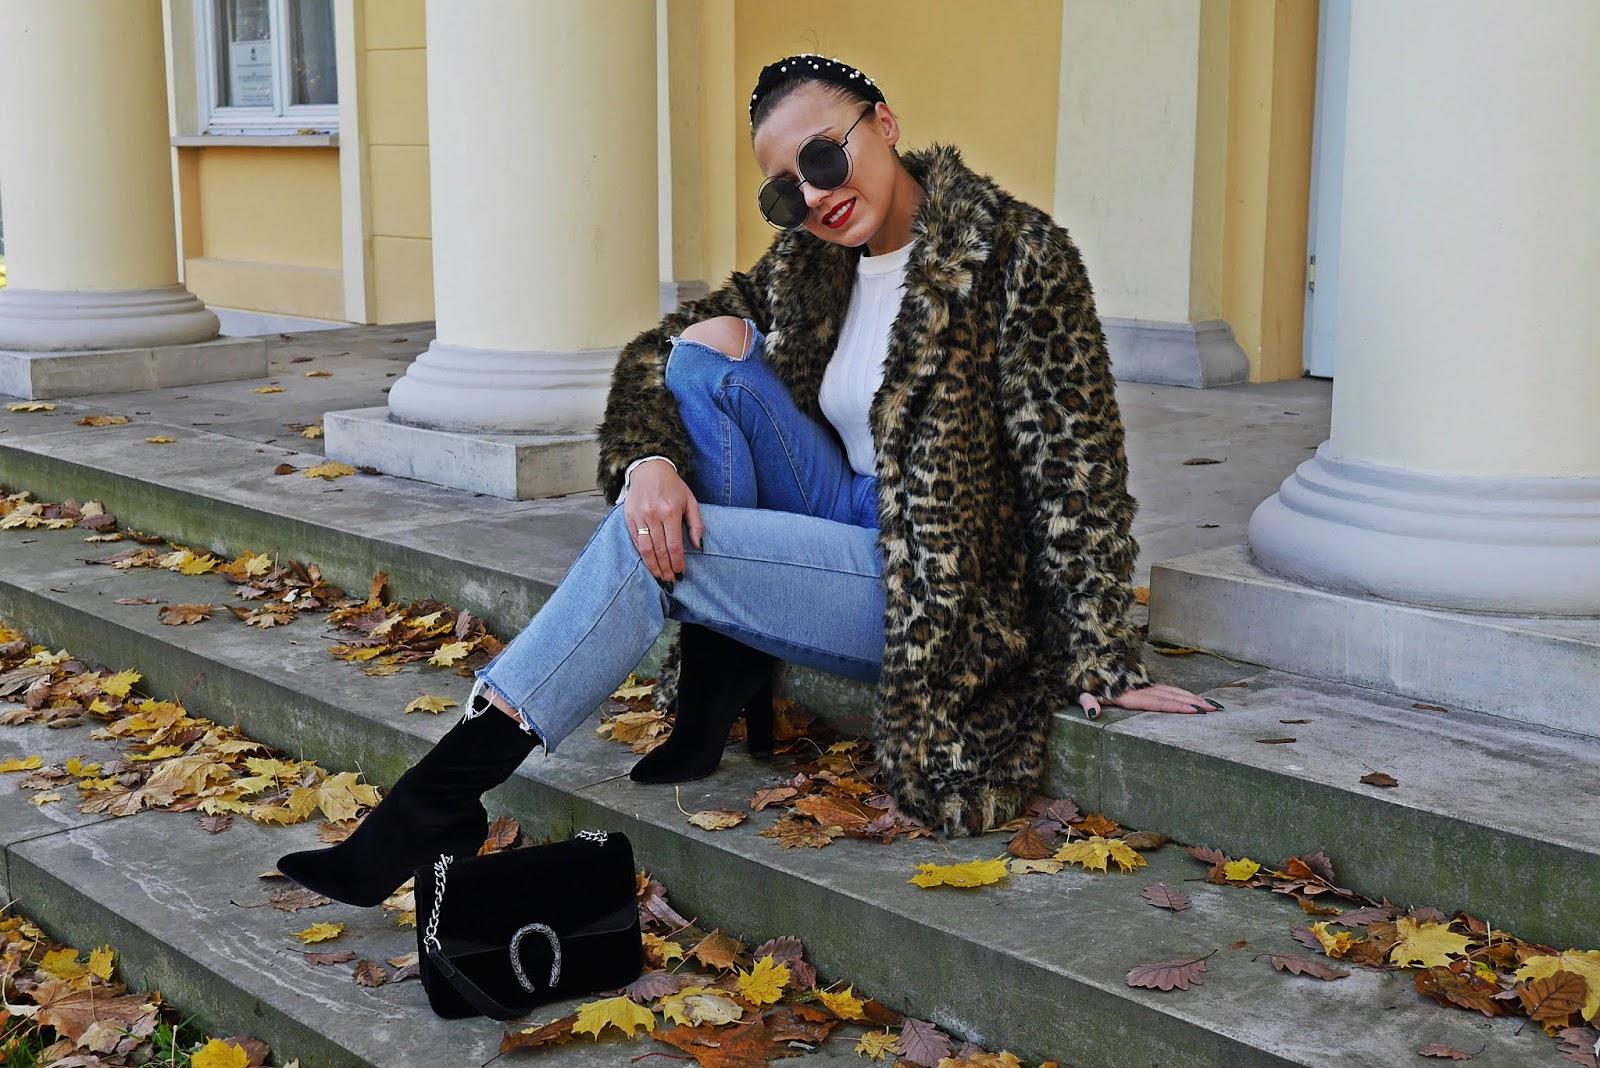 10_pulawy_blog_modowy_blogerka_modowa_karyn_fashion_blogger_leo_fur_print_jacket_outfit_look_171119